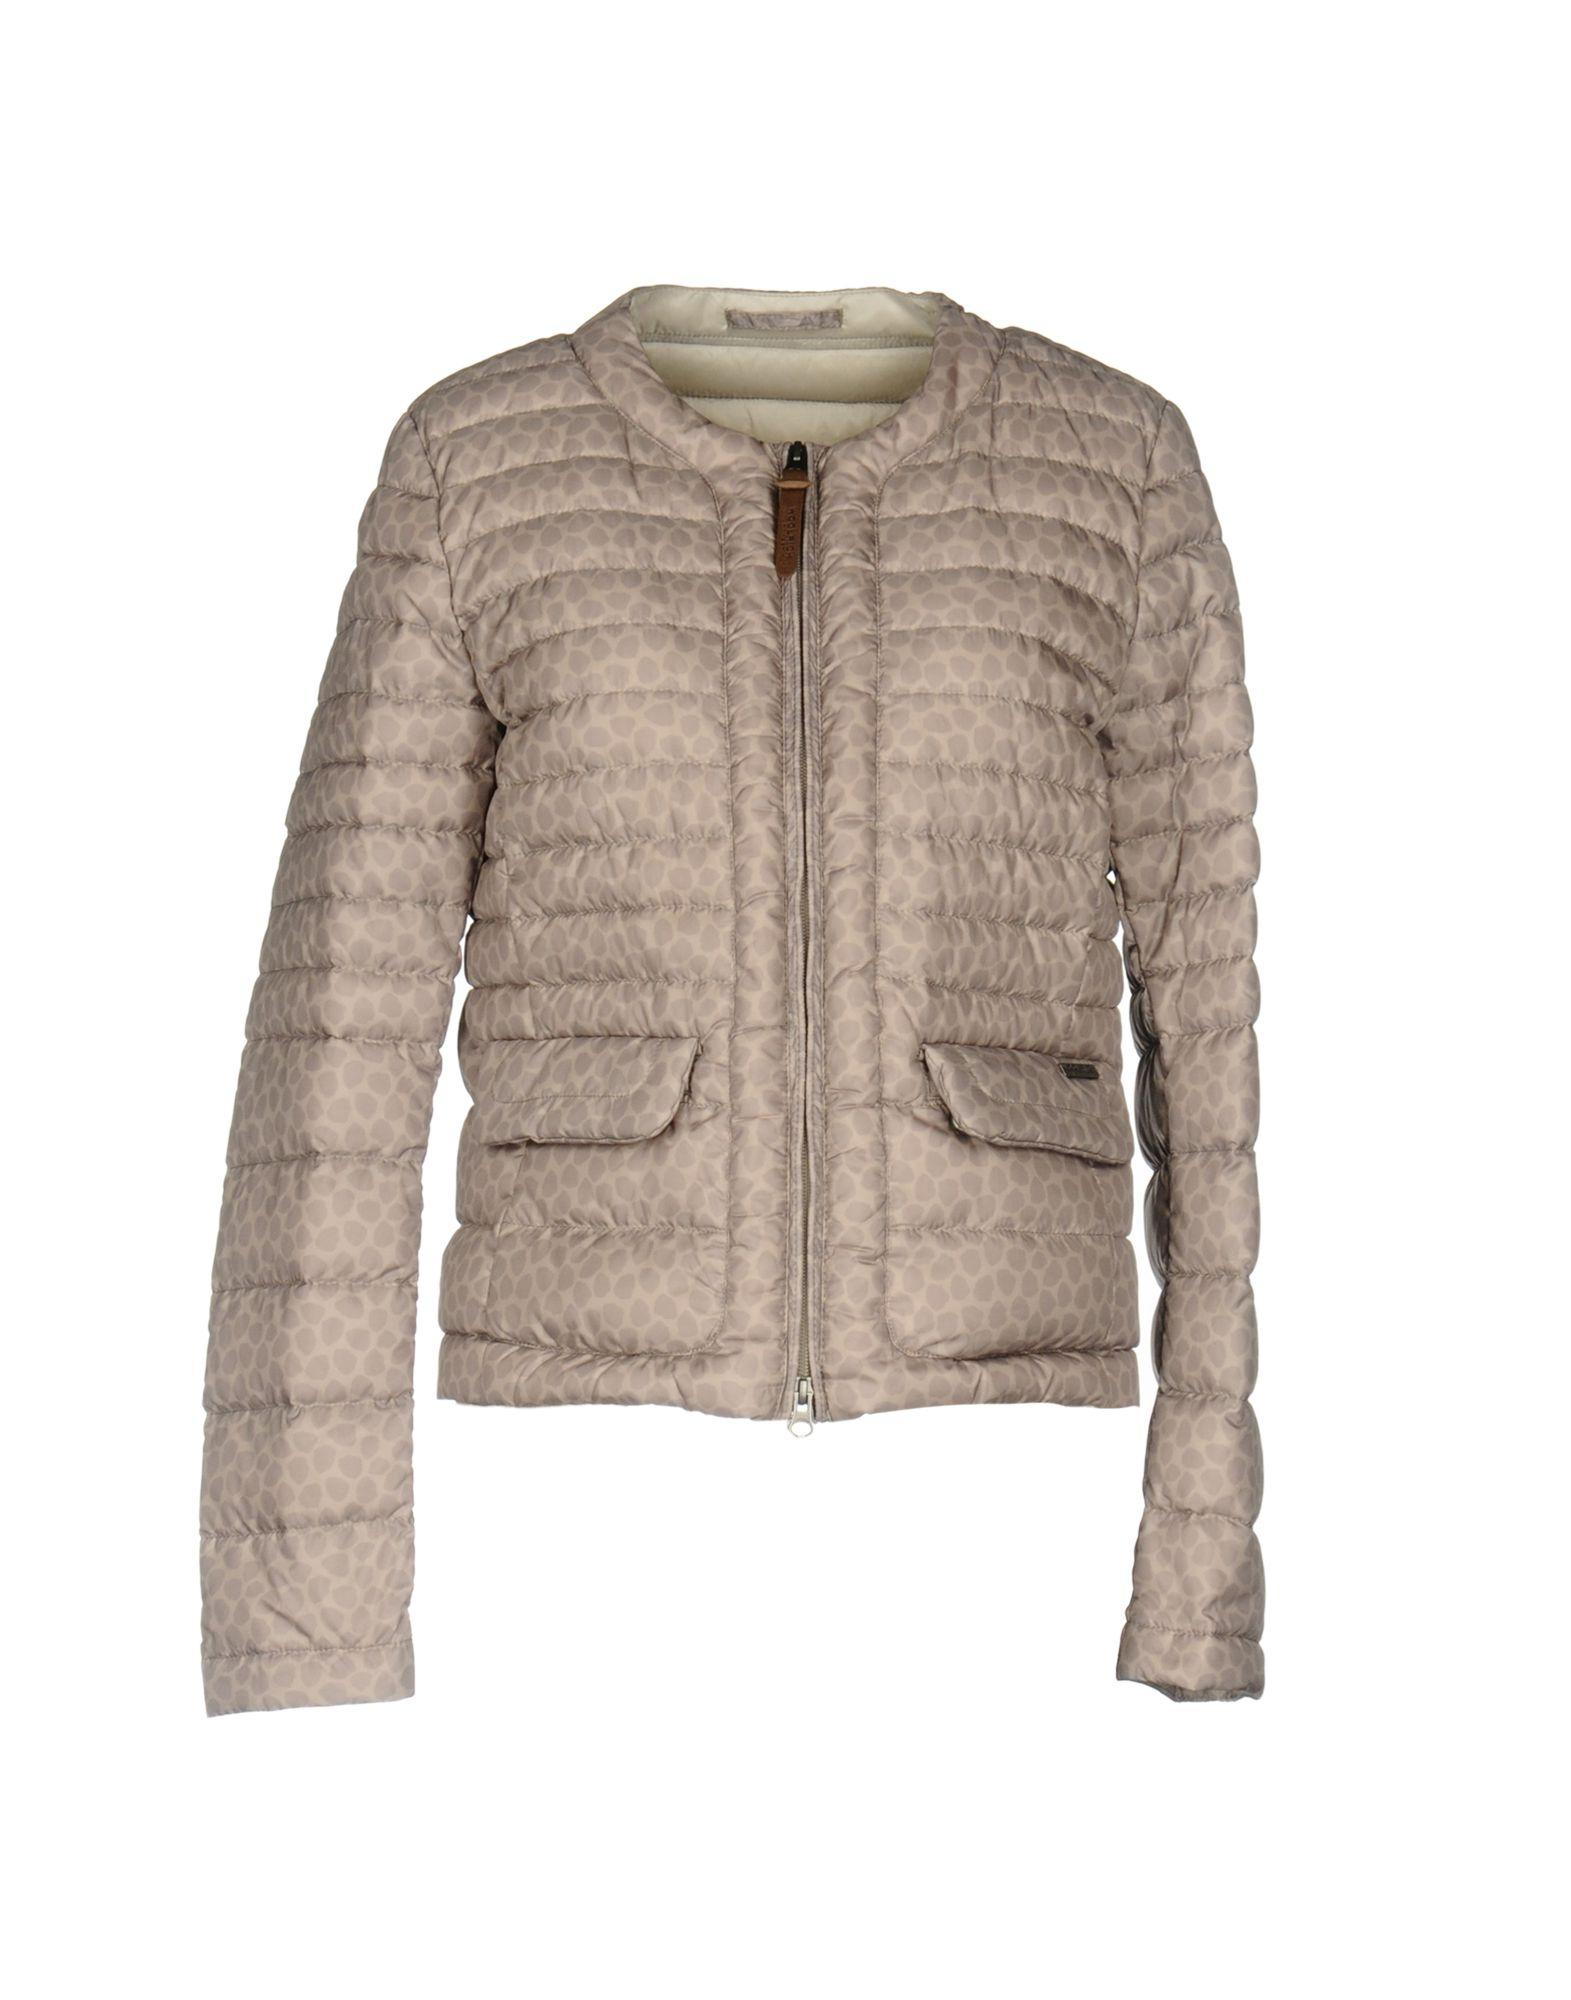 Woolrich Down Jackets In Khaki